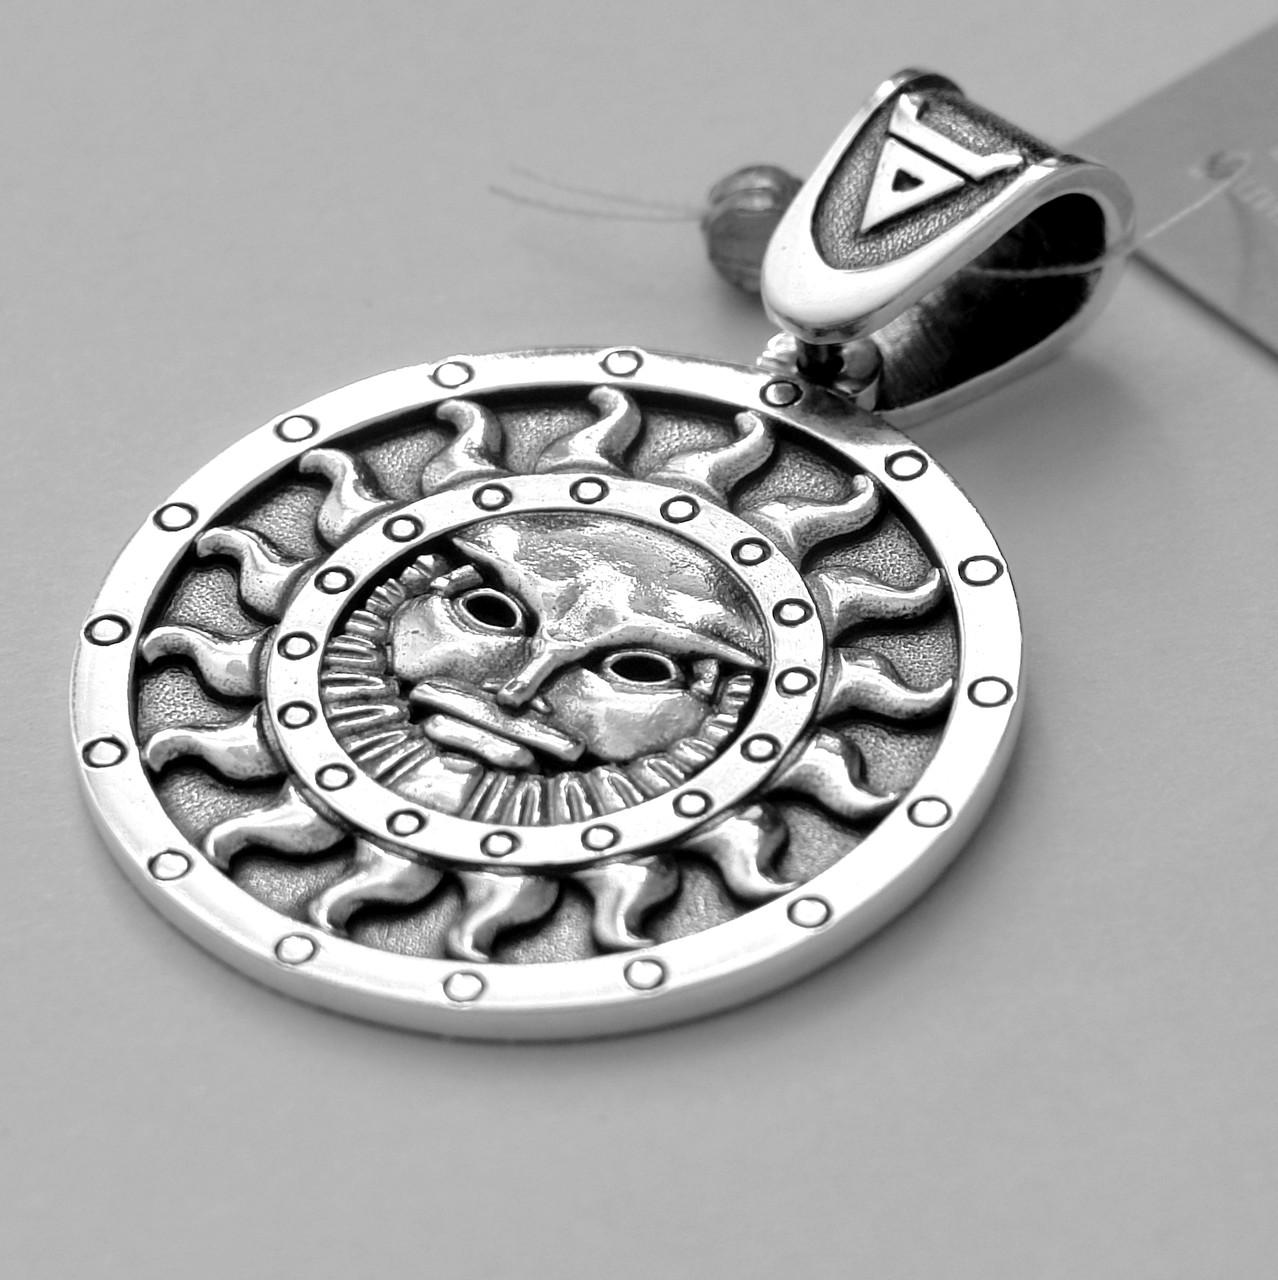 """Срібний підвіс слов'янський оберіг """"Ярило"""" з срібла 925 проби"""